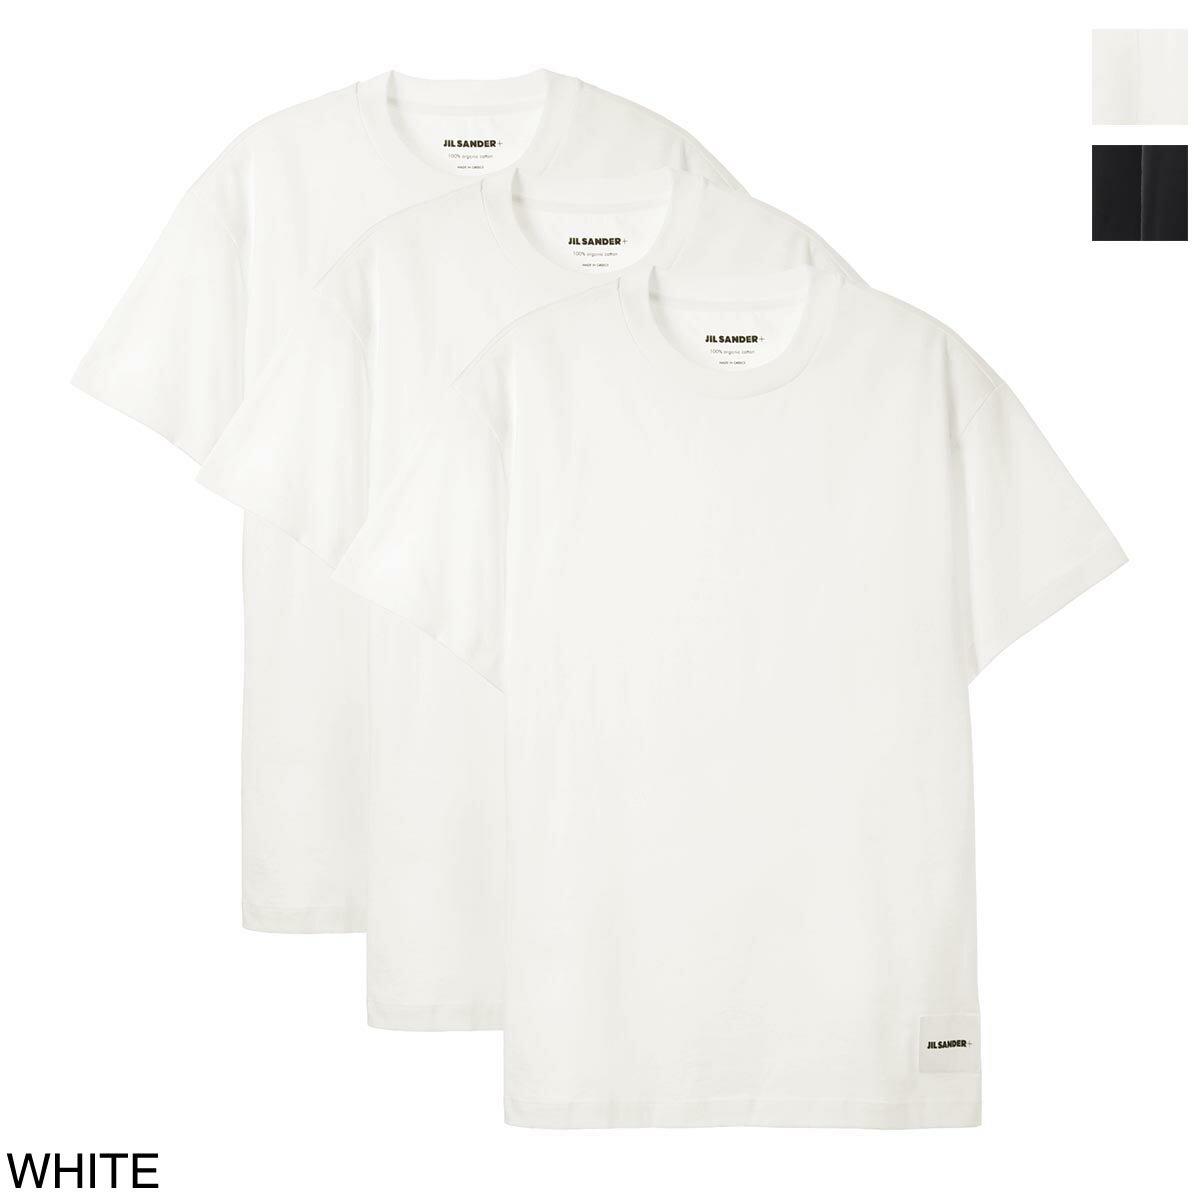 トップス, Tシャツ・カットソー  JIL SANDER T 3 jput706530 mt248808 100 JIL SANDER2021AW